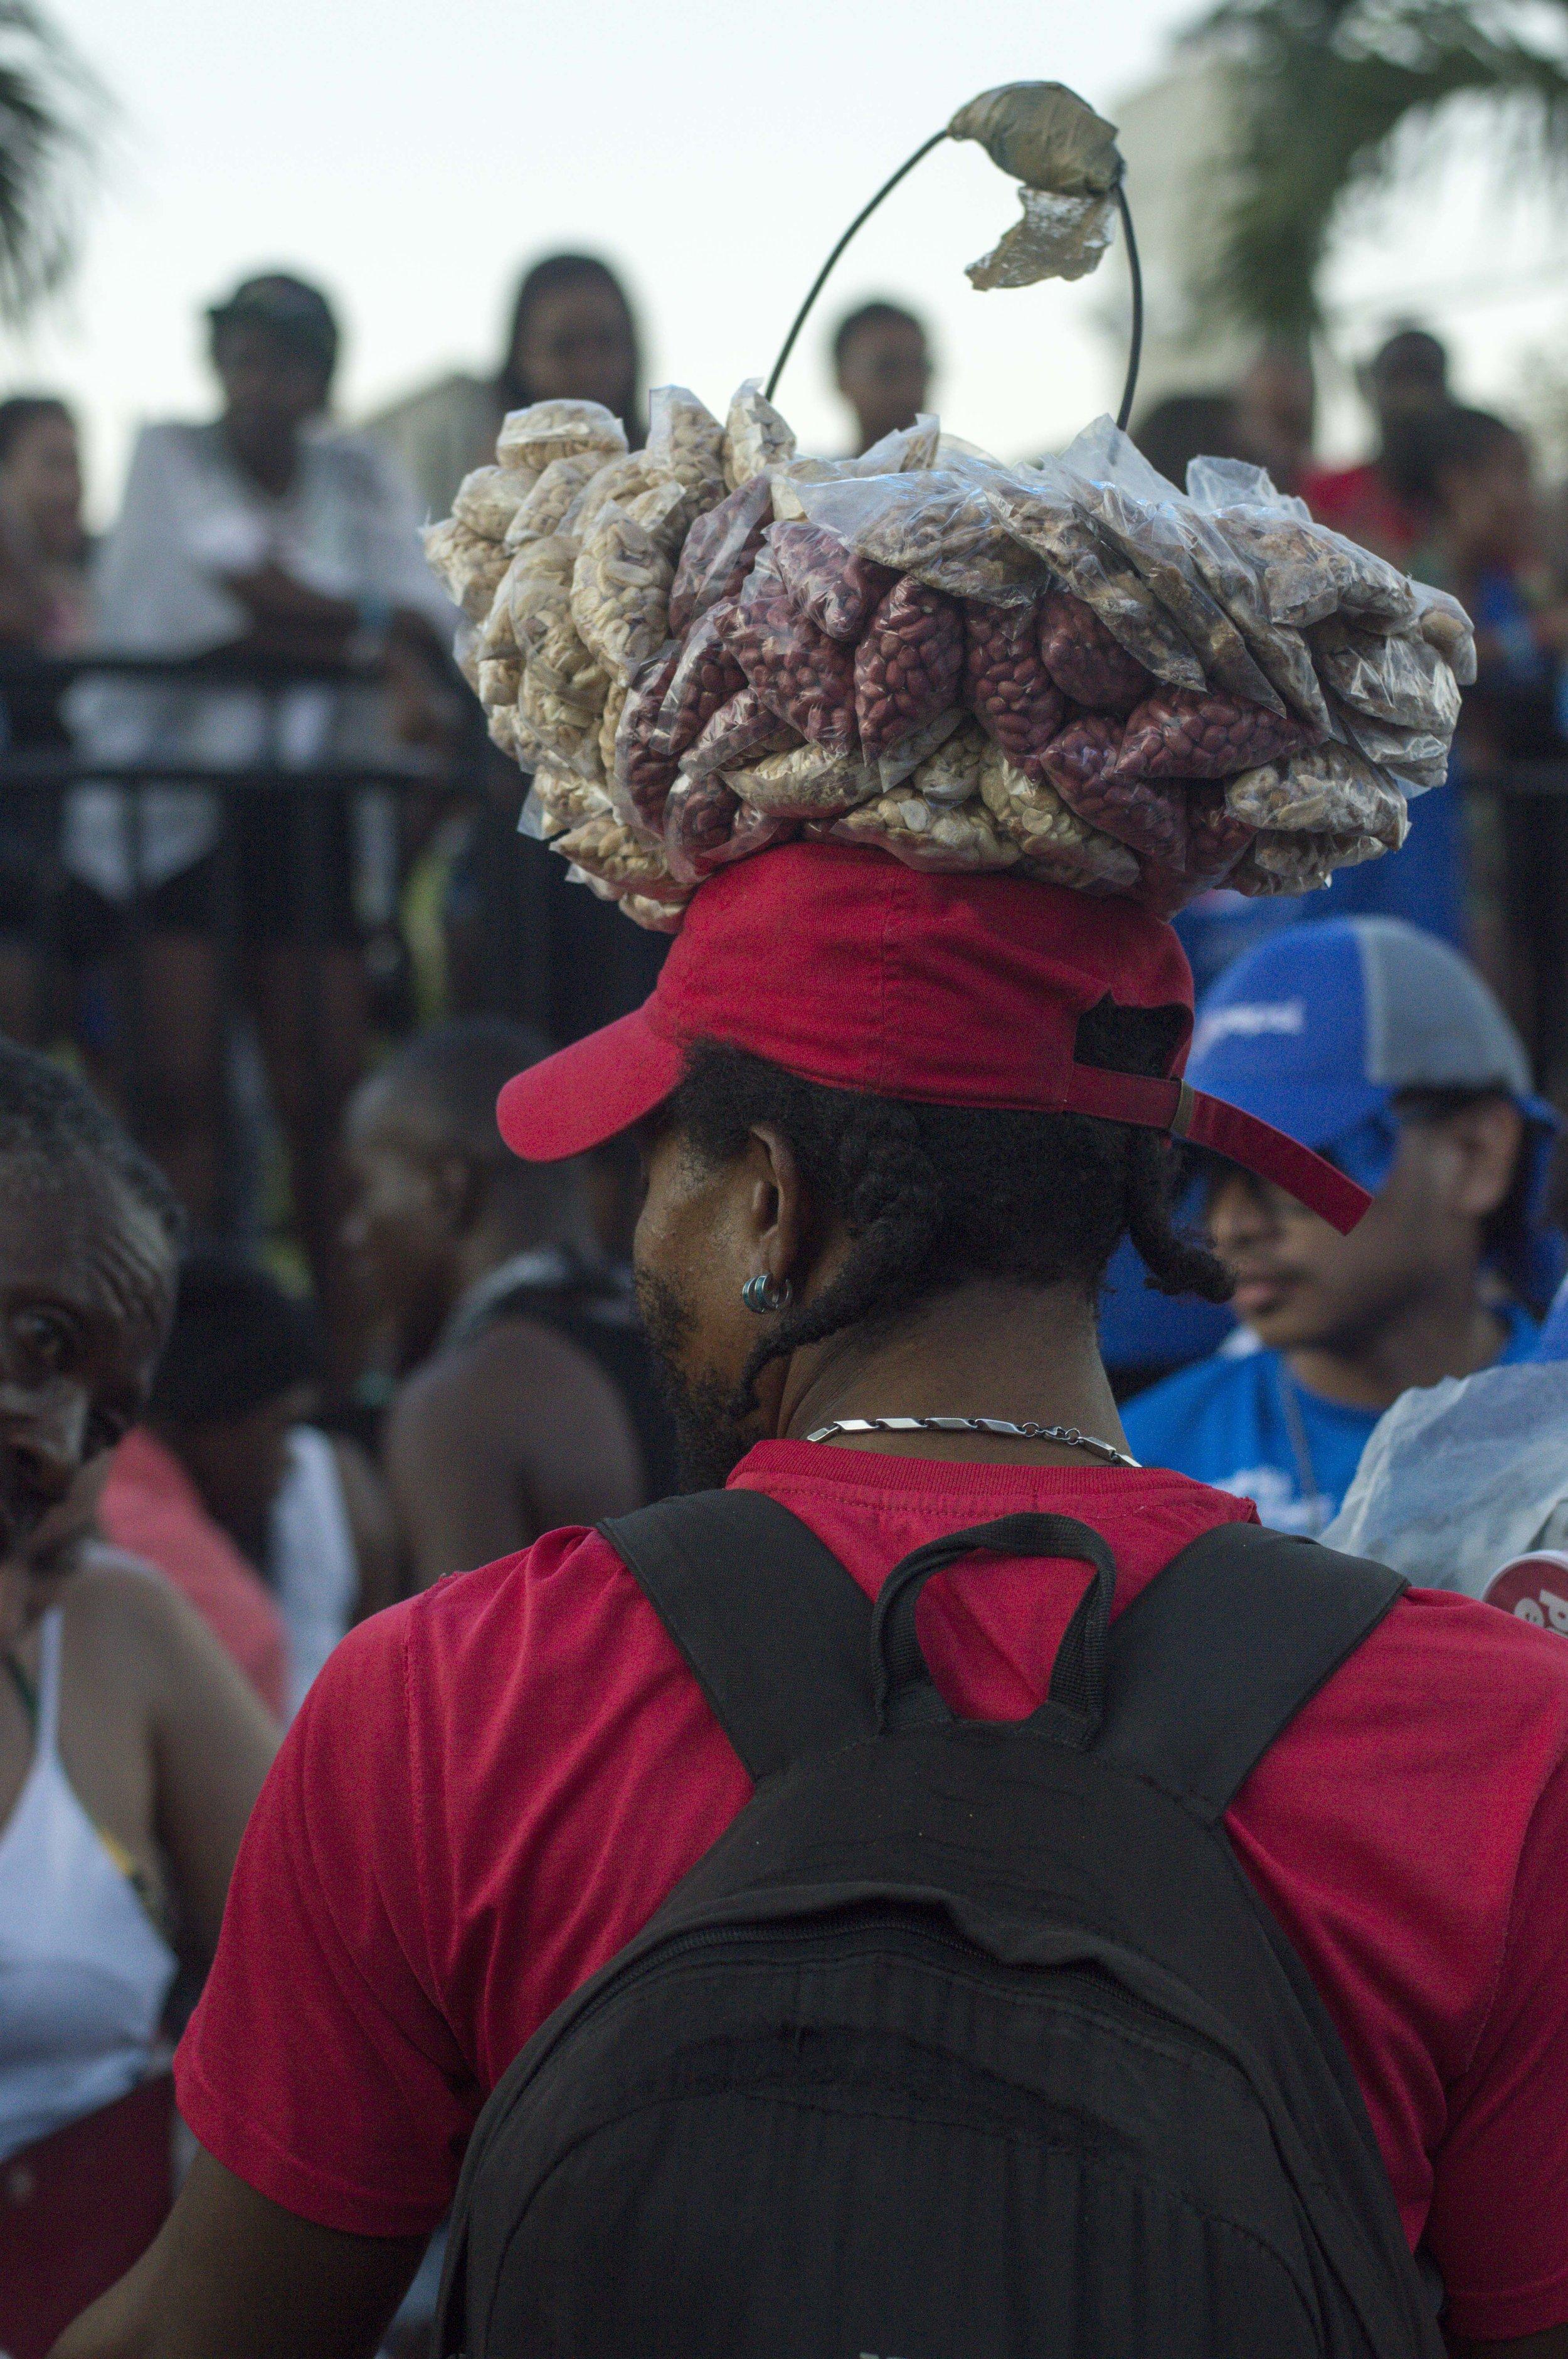 carnival2019_jeanalindo-91.jpg